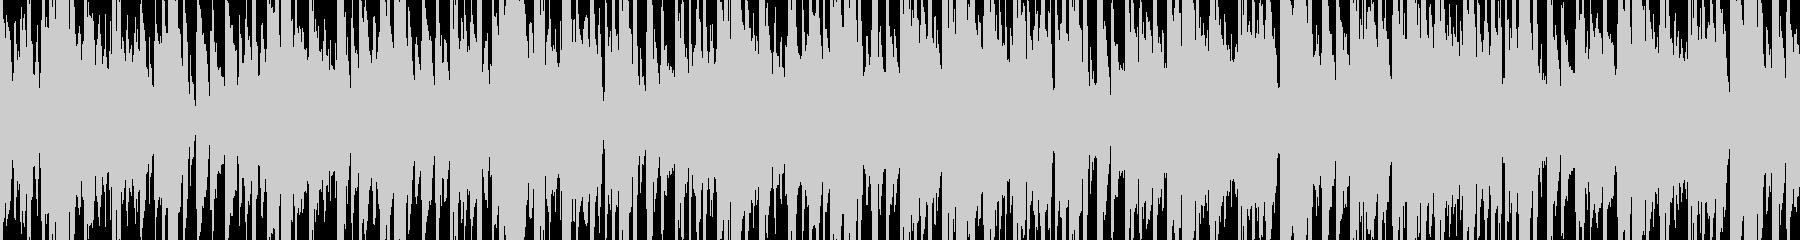 ループ:ロボ感溢れるサイバーパンクな曲の未再生の波形